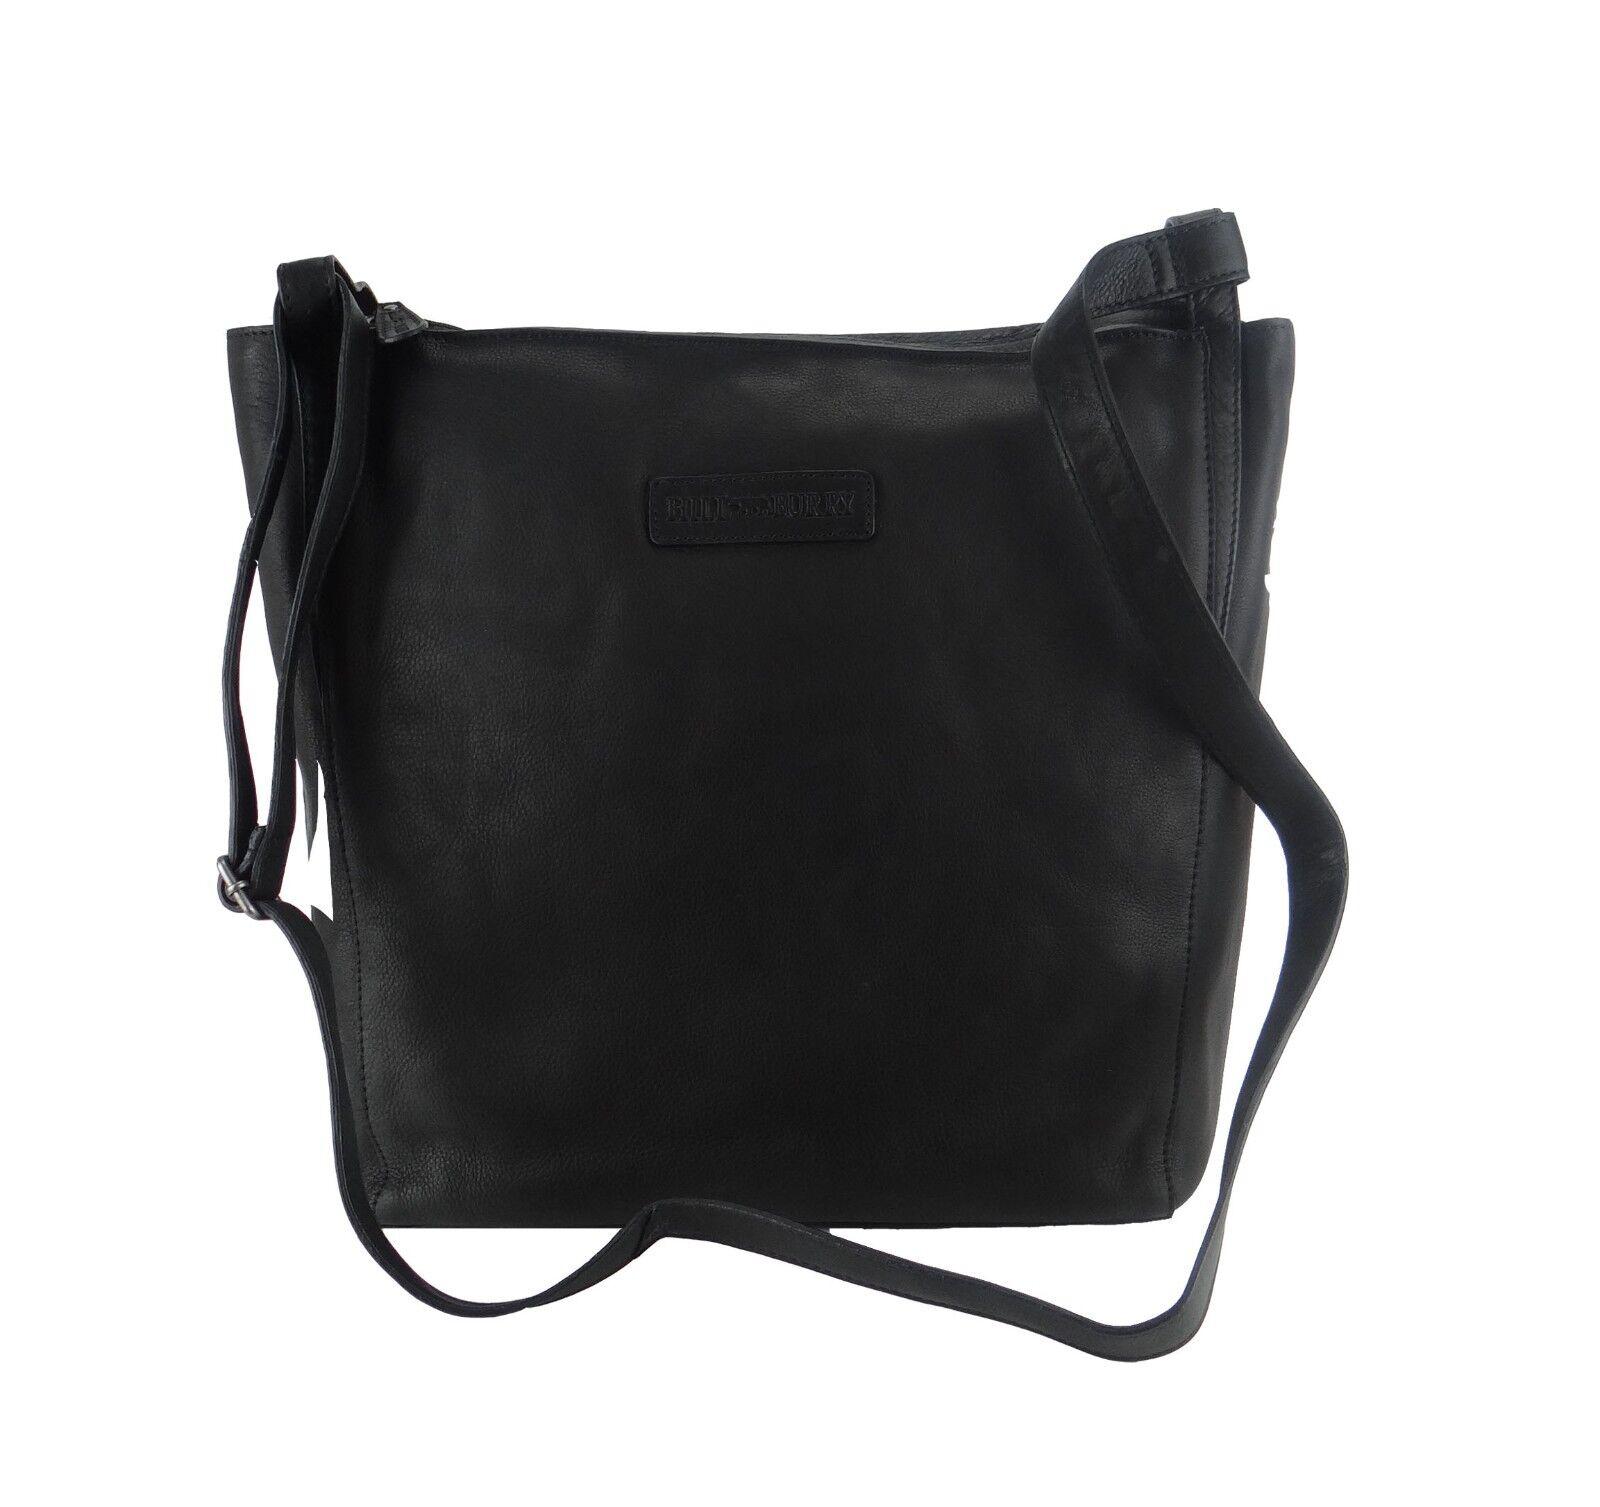 HILL BURRY Damen Tasche Tasche Tasche XXL Shopper  Leder, schwarz 3127 WZ     | Moderner Modus  | Genial  | Schön In Der Farbe  06a877